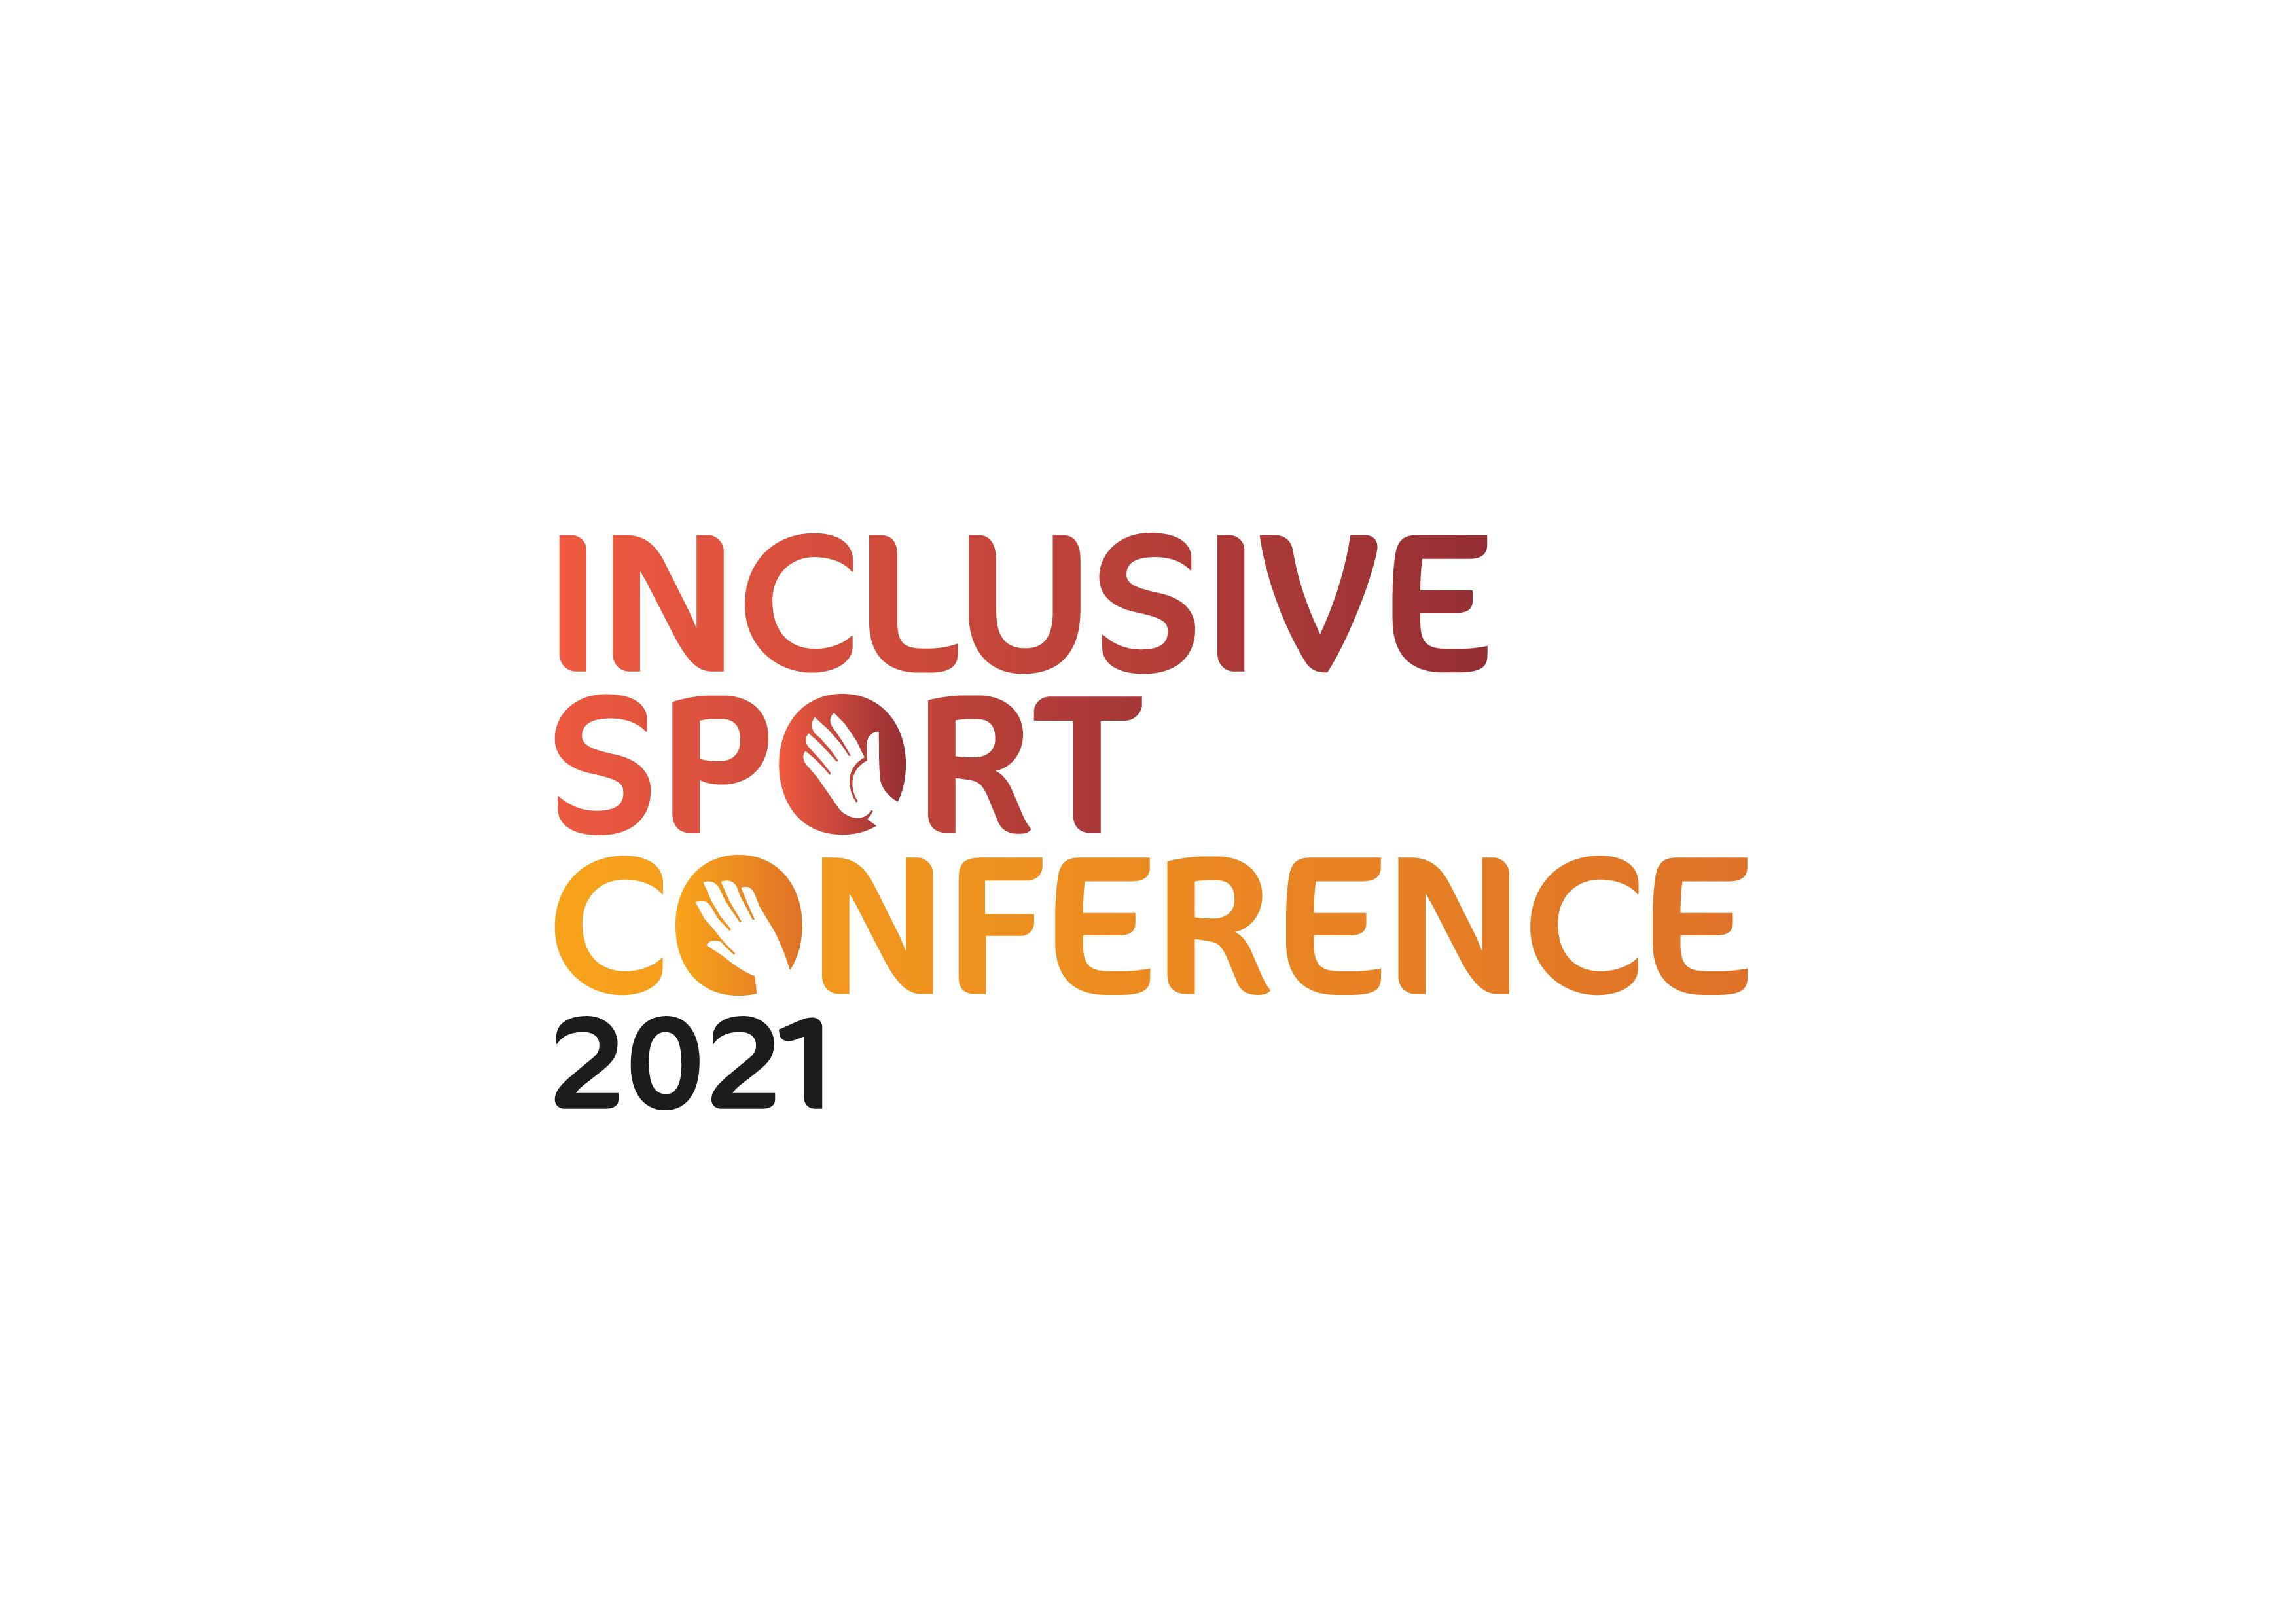 Inclusive Sport Conference 2021